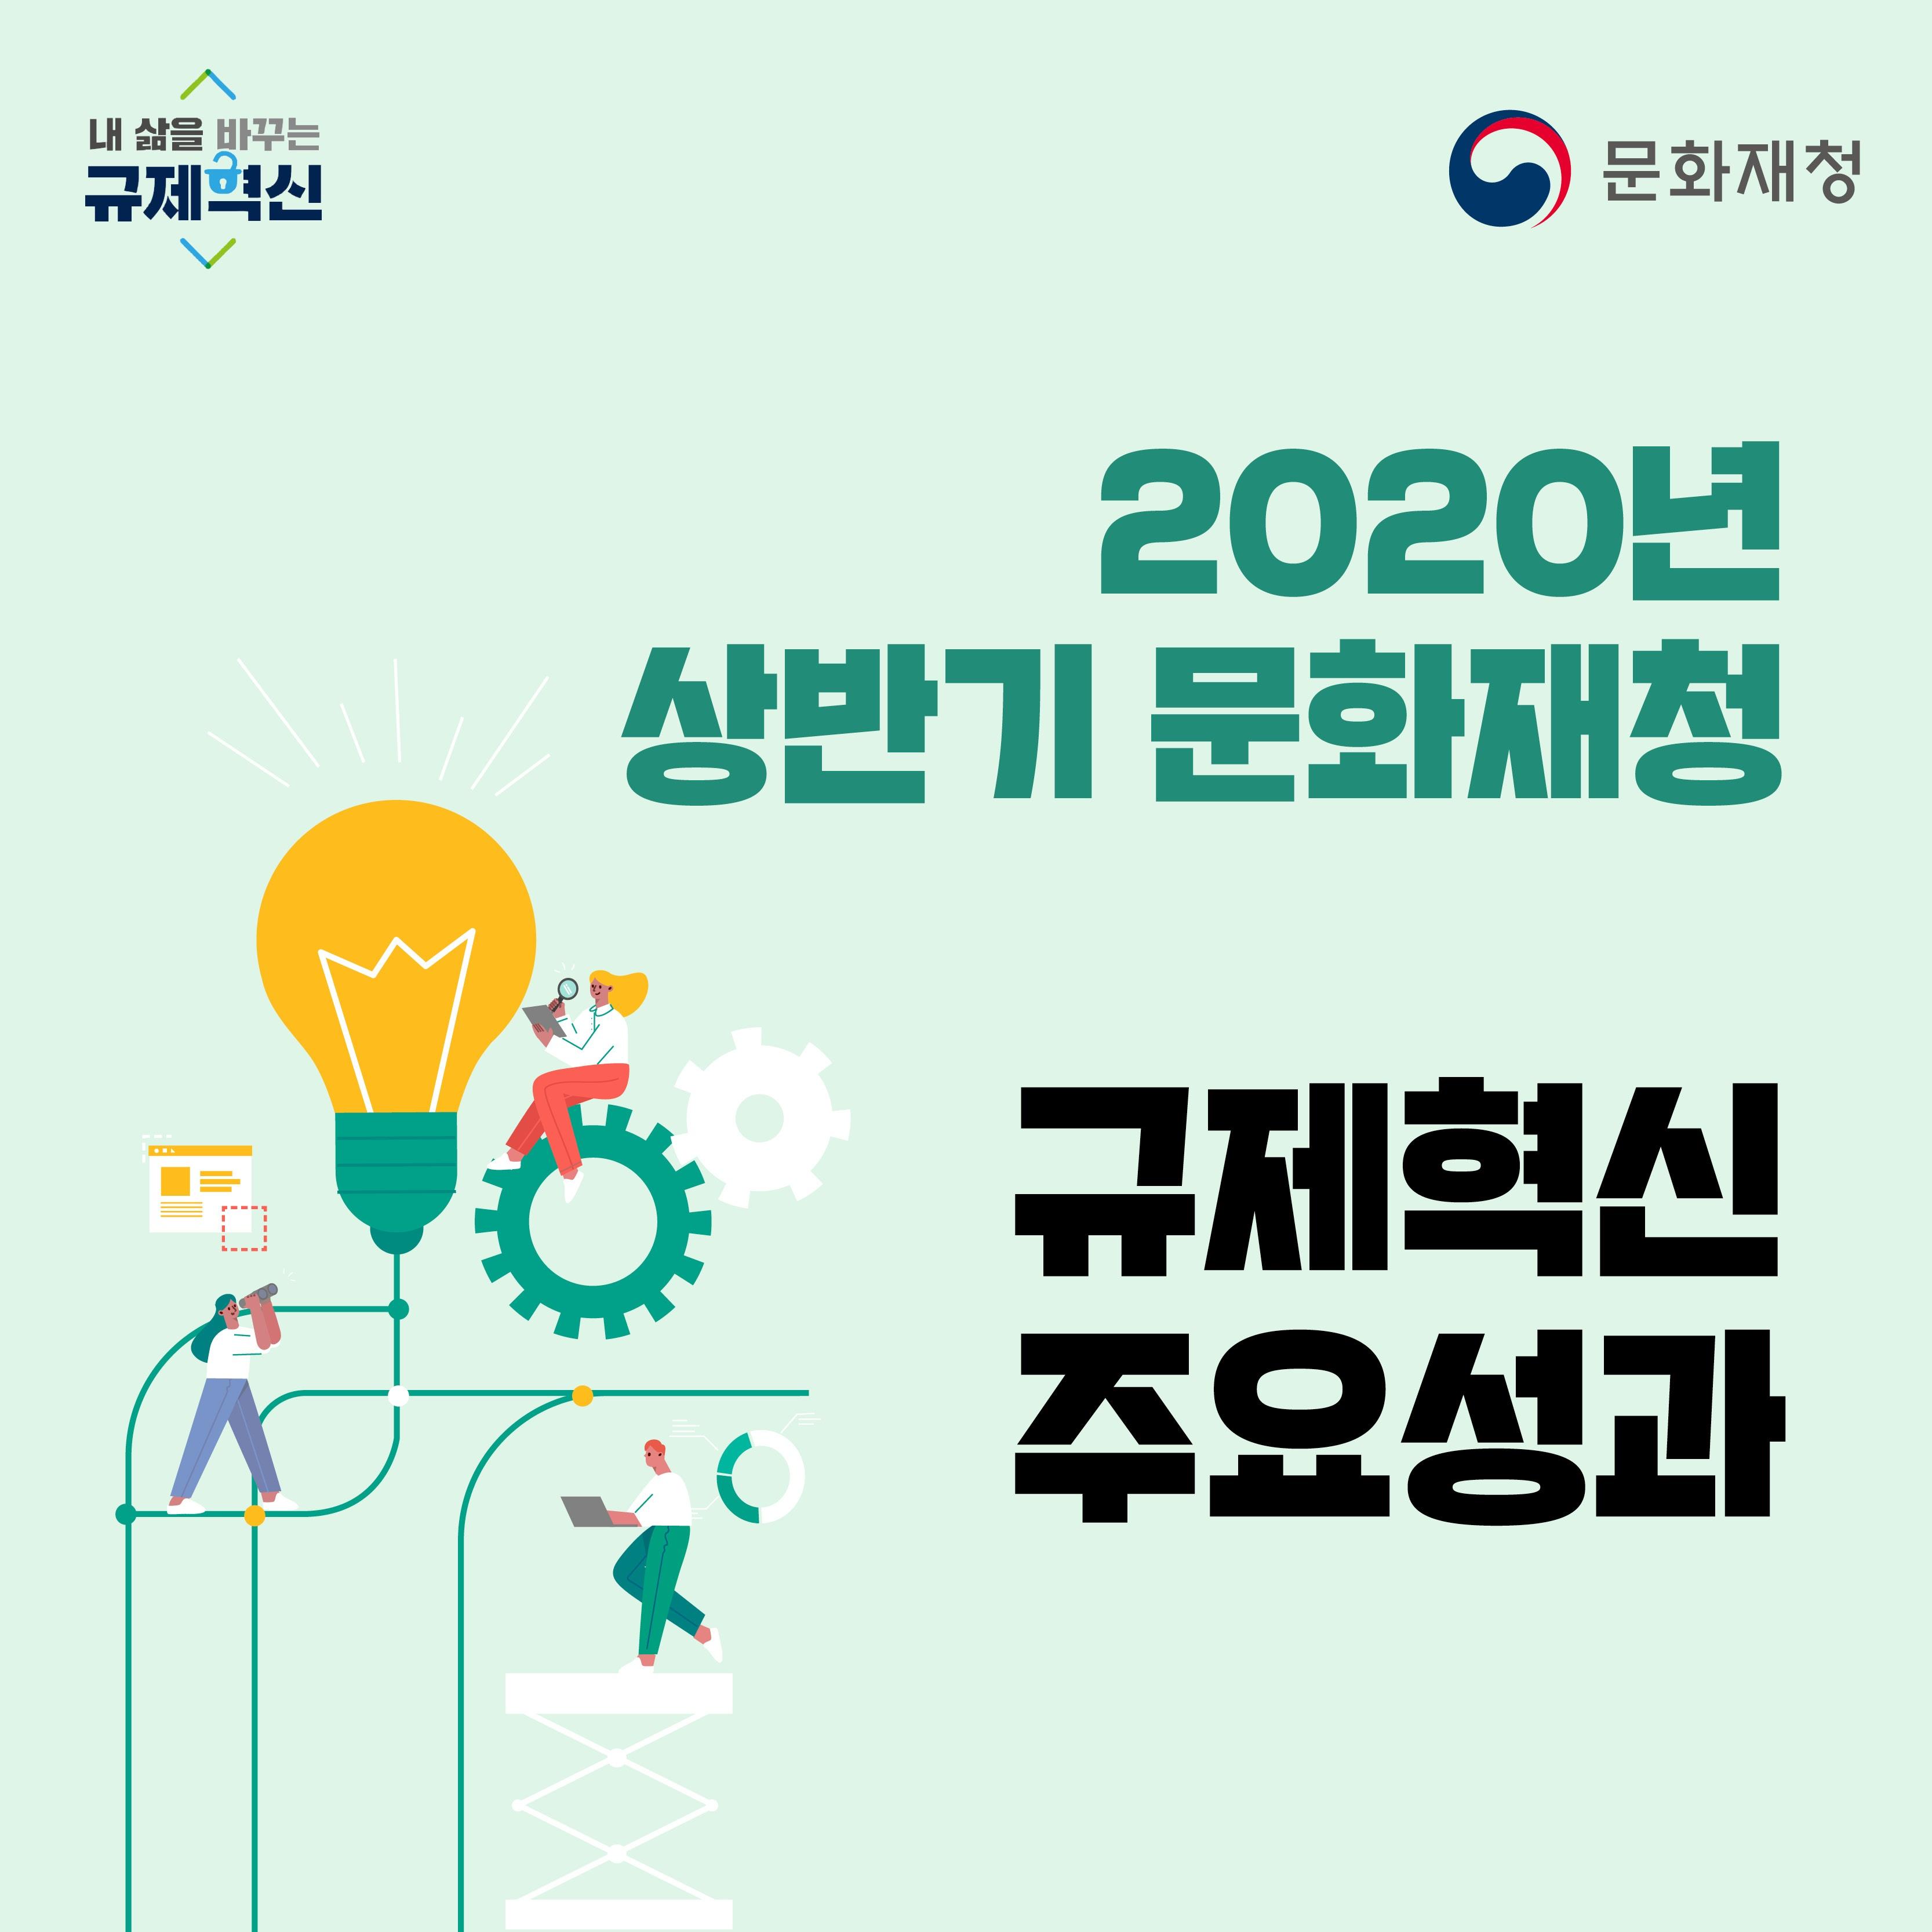 2020년 상반기 문화재청 규제혁신 주요 성과